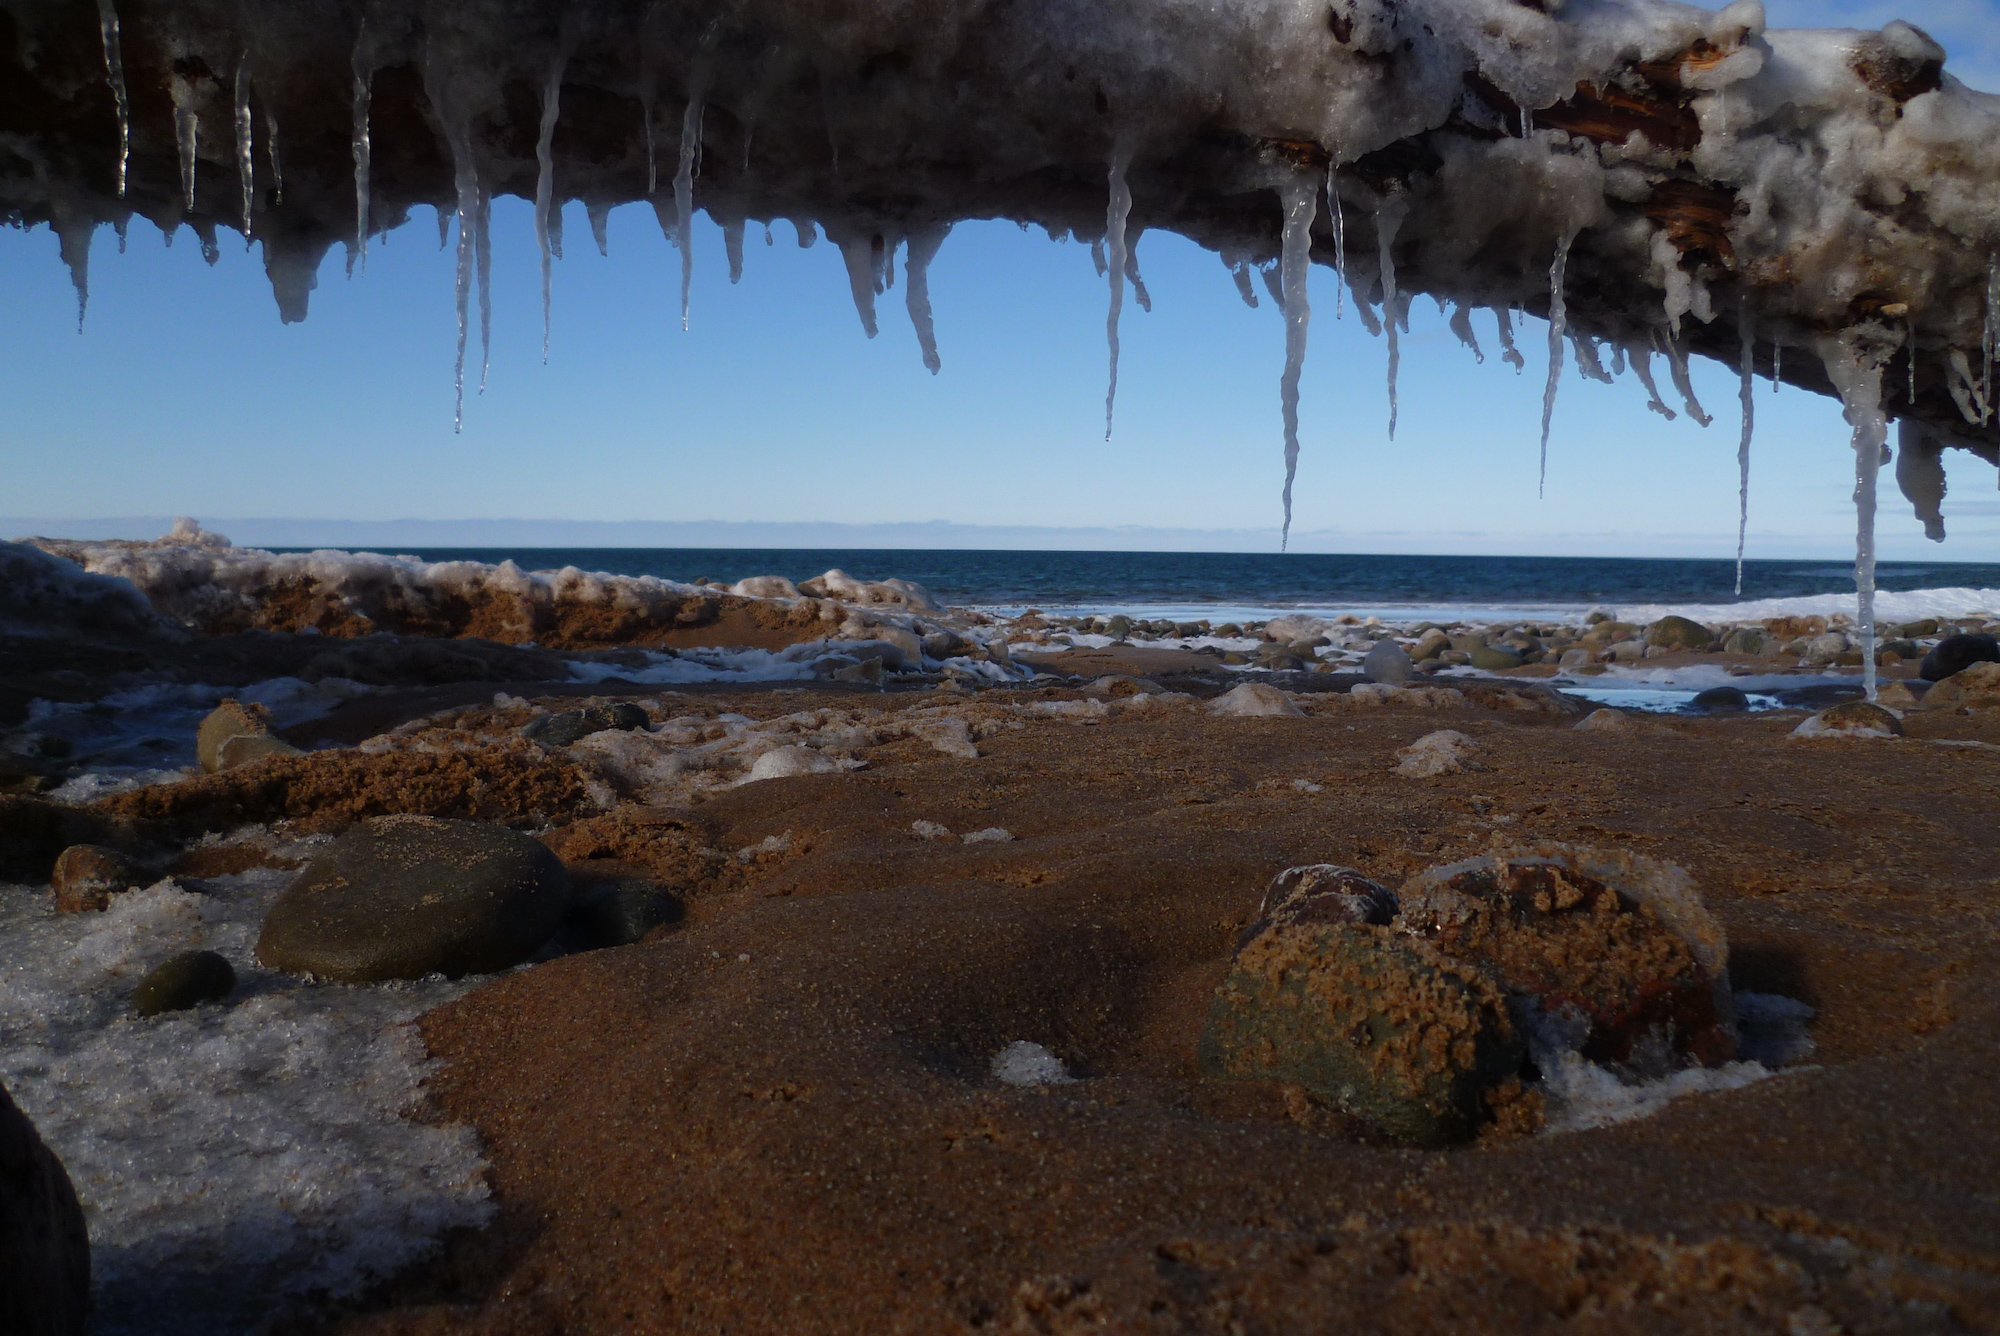 Hiver au Canada - Plage d'Inverness - Cap Breton, Nouvelle-Ecosse